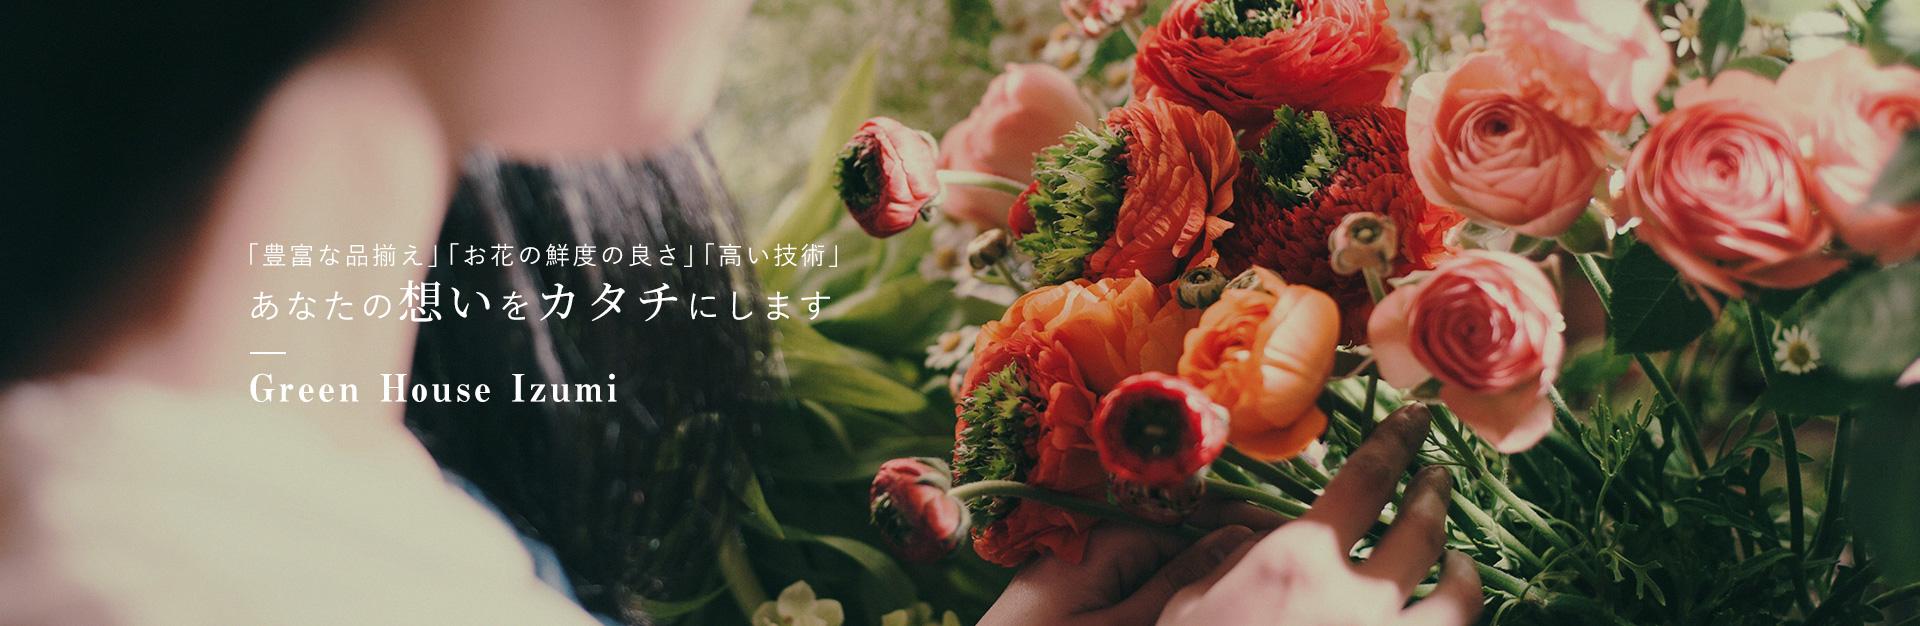 「豊富な品揃え」「お花の鮮度の良さ」「高い技術」 あなたの想いをカタチにします